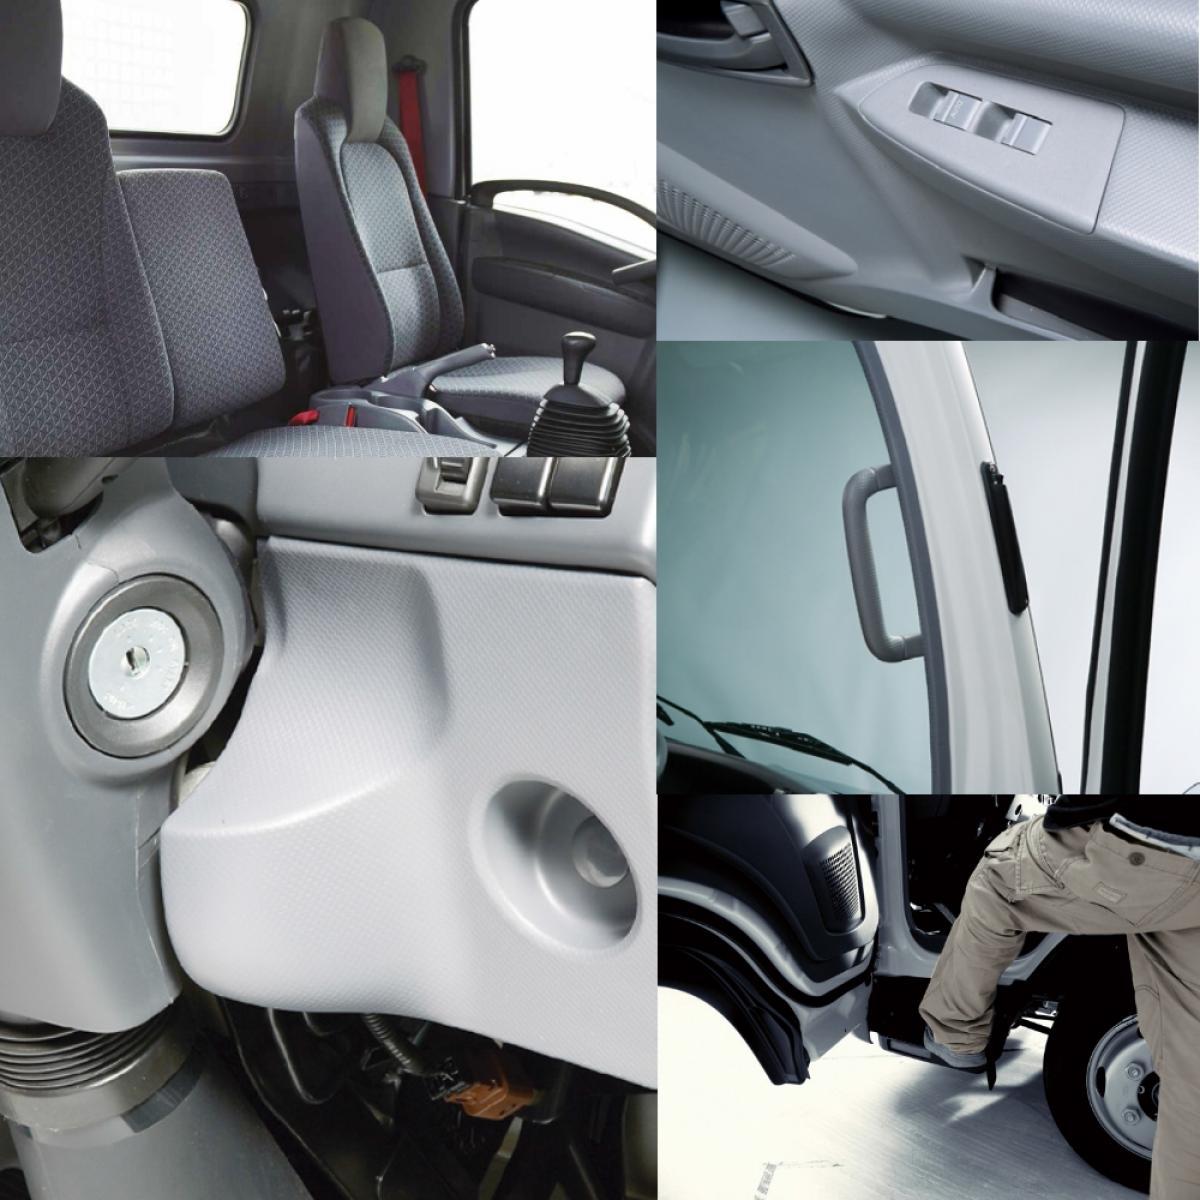 Isuzu M21 Heavy Comfort